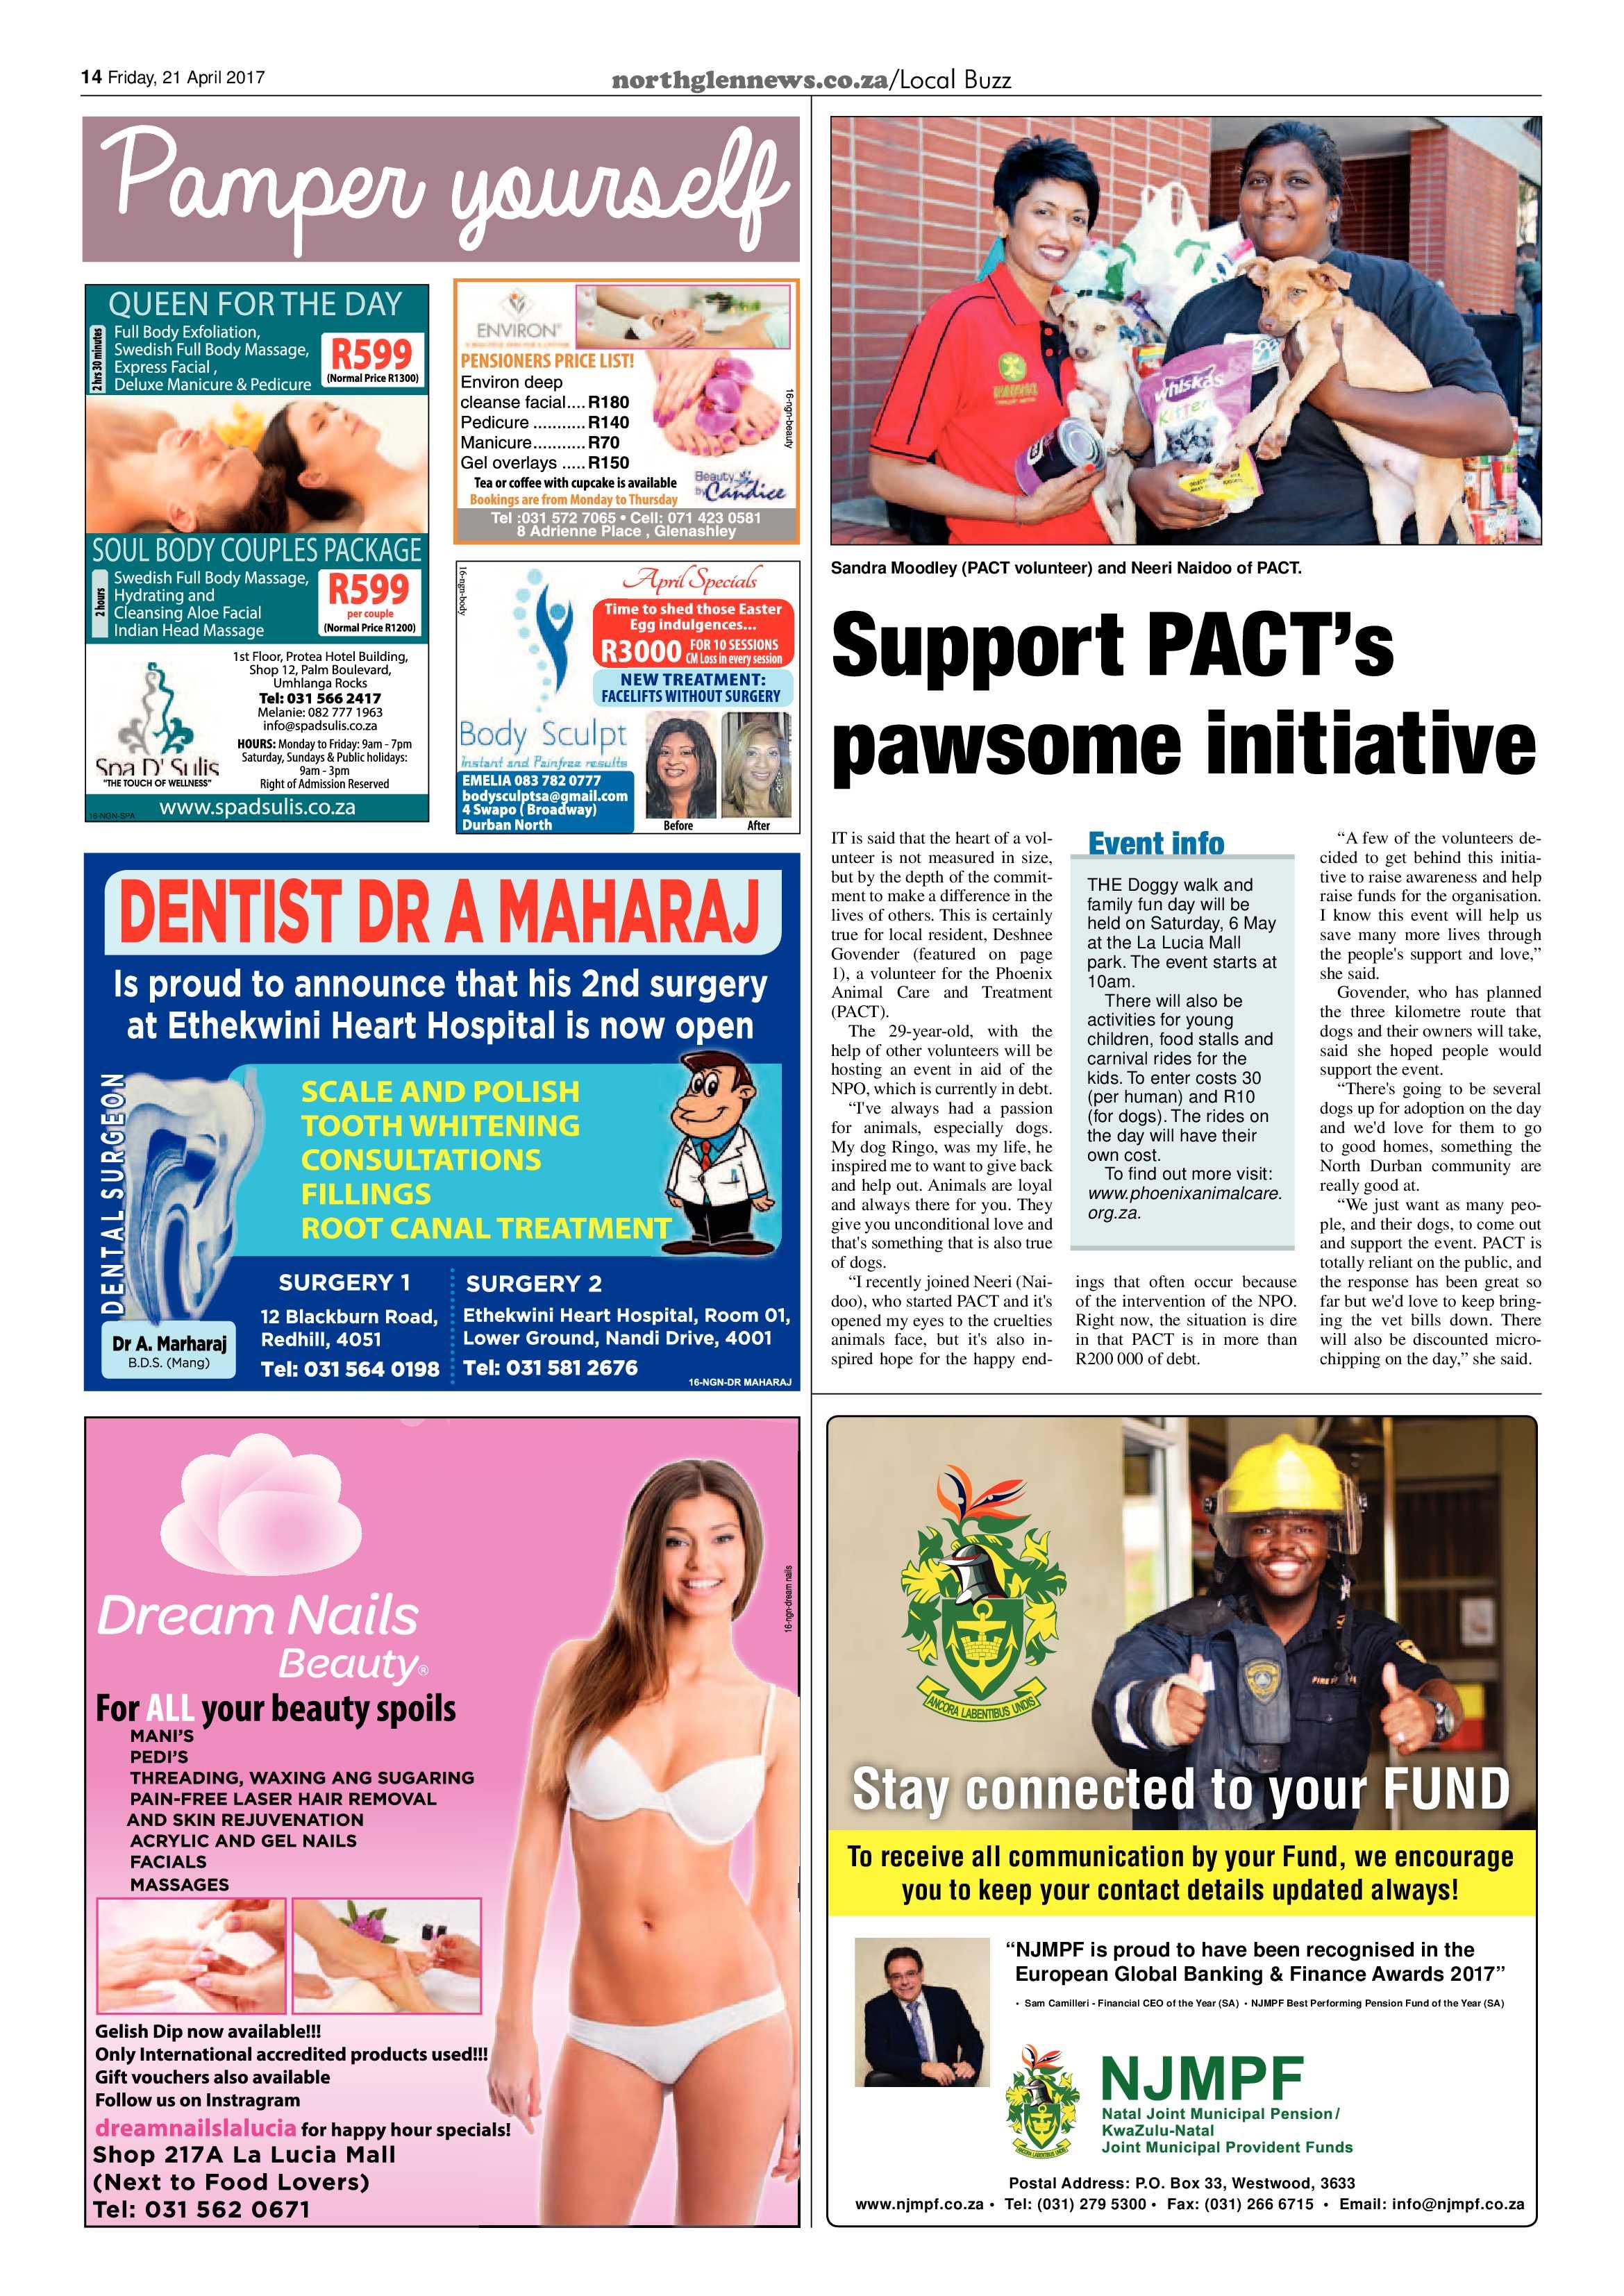 northglen-news-21-april-2017-epapers-page-14